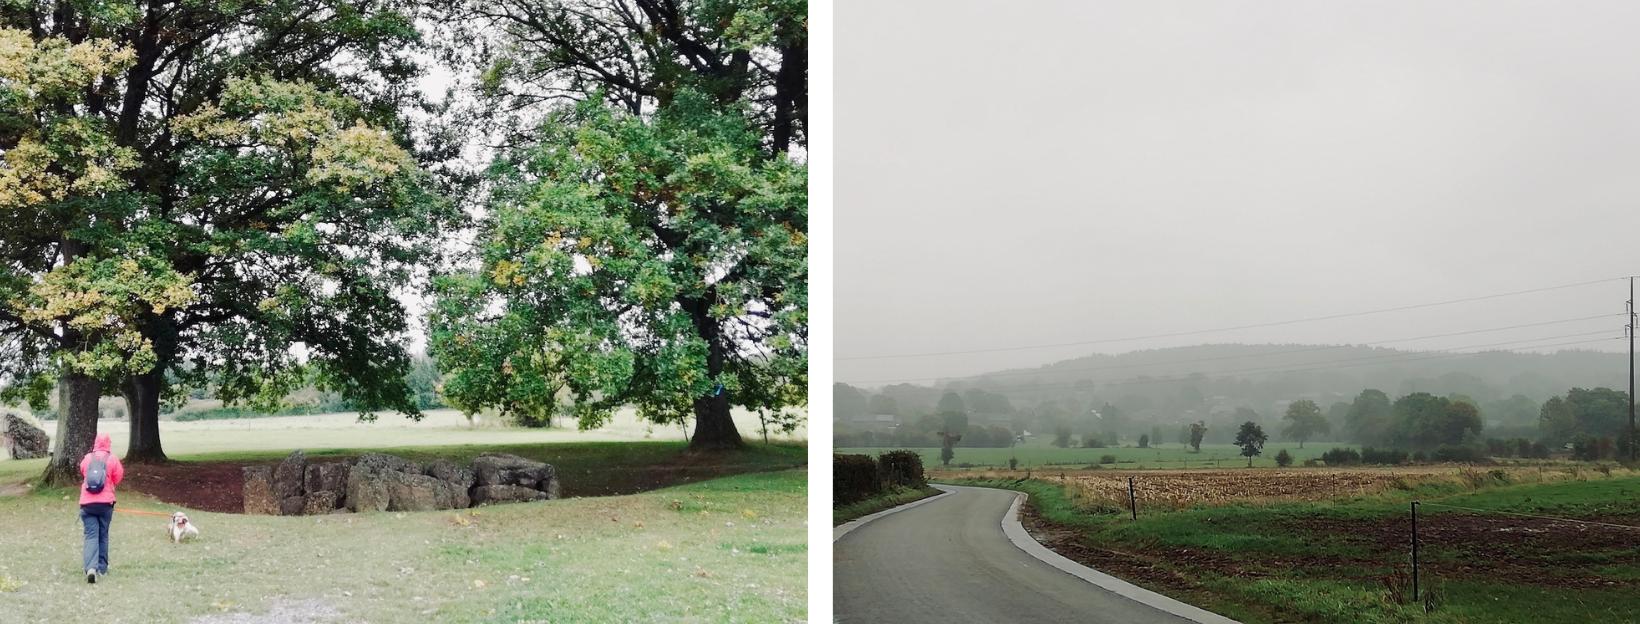 Links: dolmen van Oppagne, rechts: Wéris in de mist